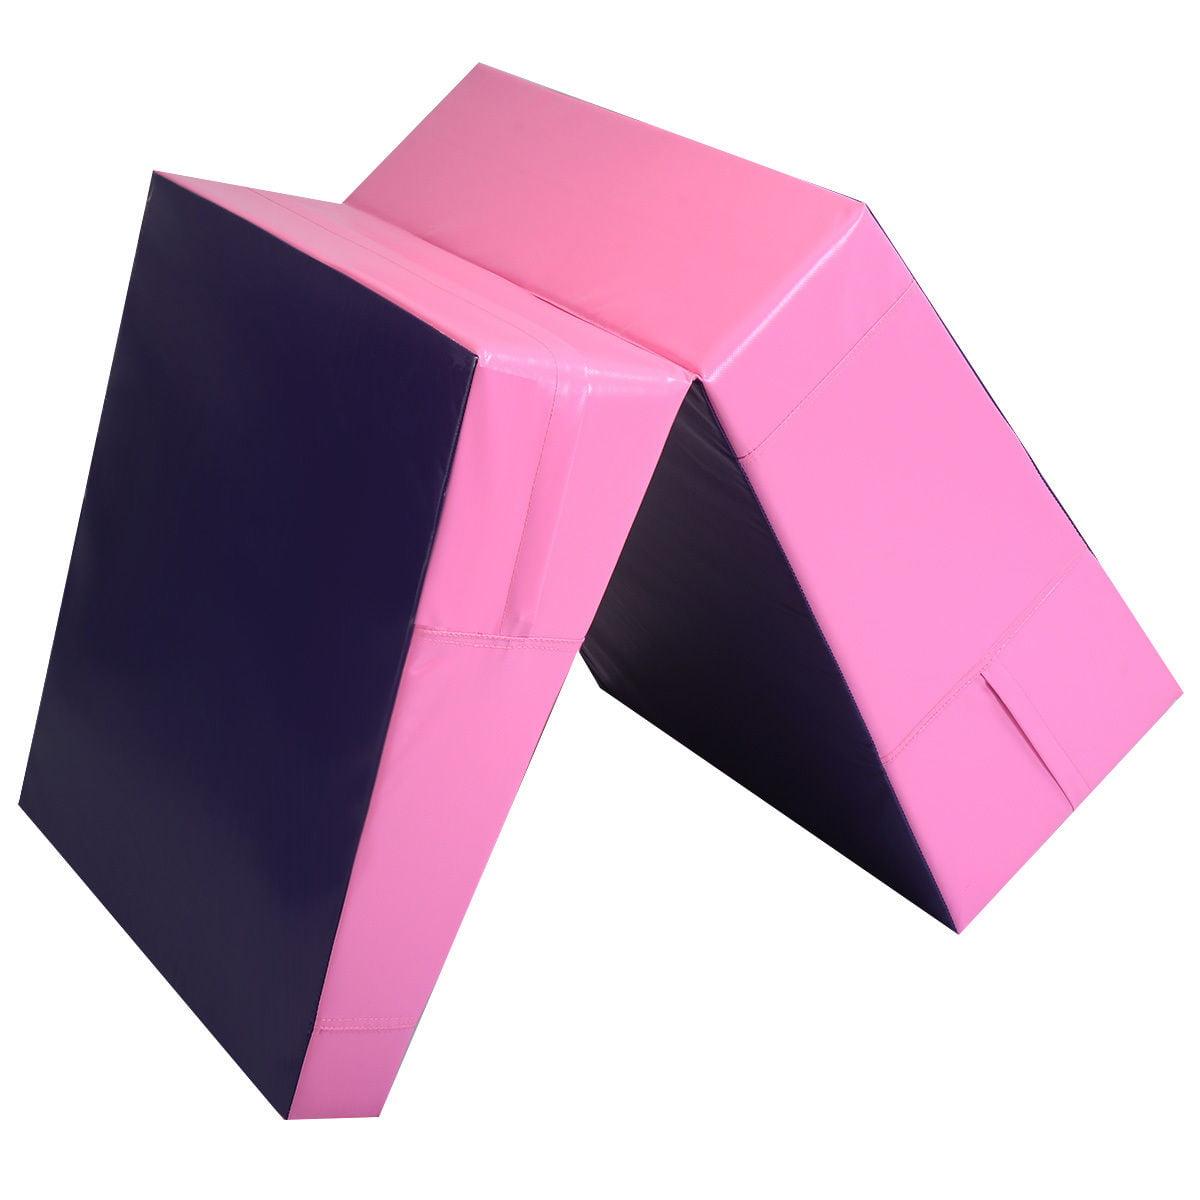 Folding Incline Mat Slope Cheese Gymnastics Gym Exercise Aerobics Tumbling Wedge - image 7 of 9